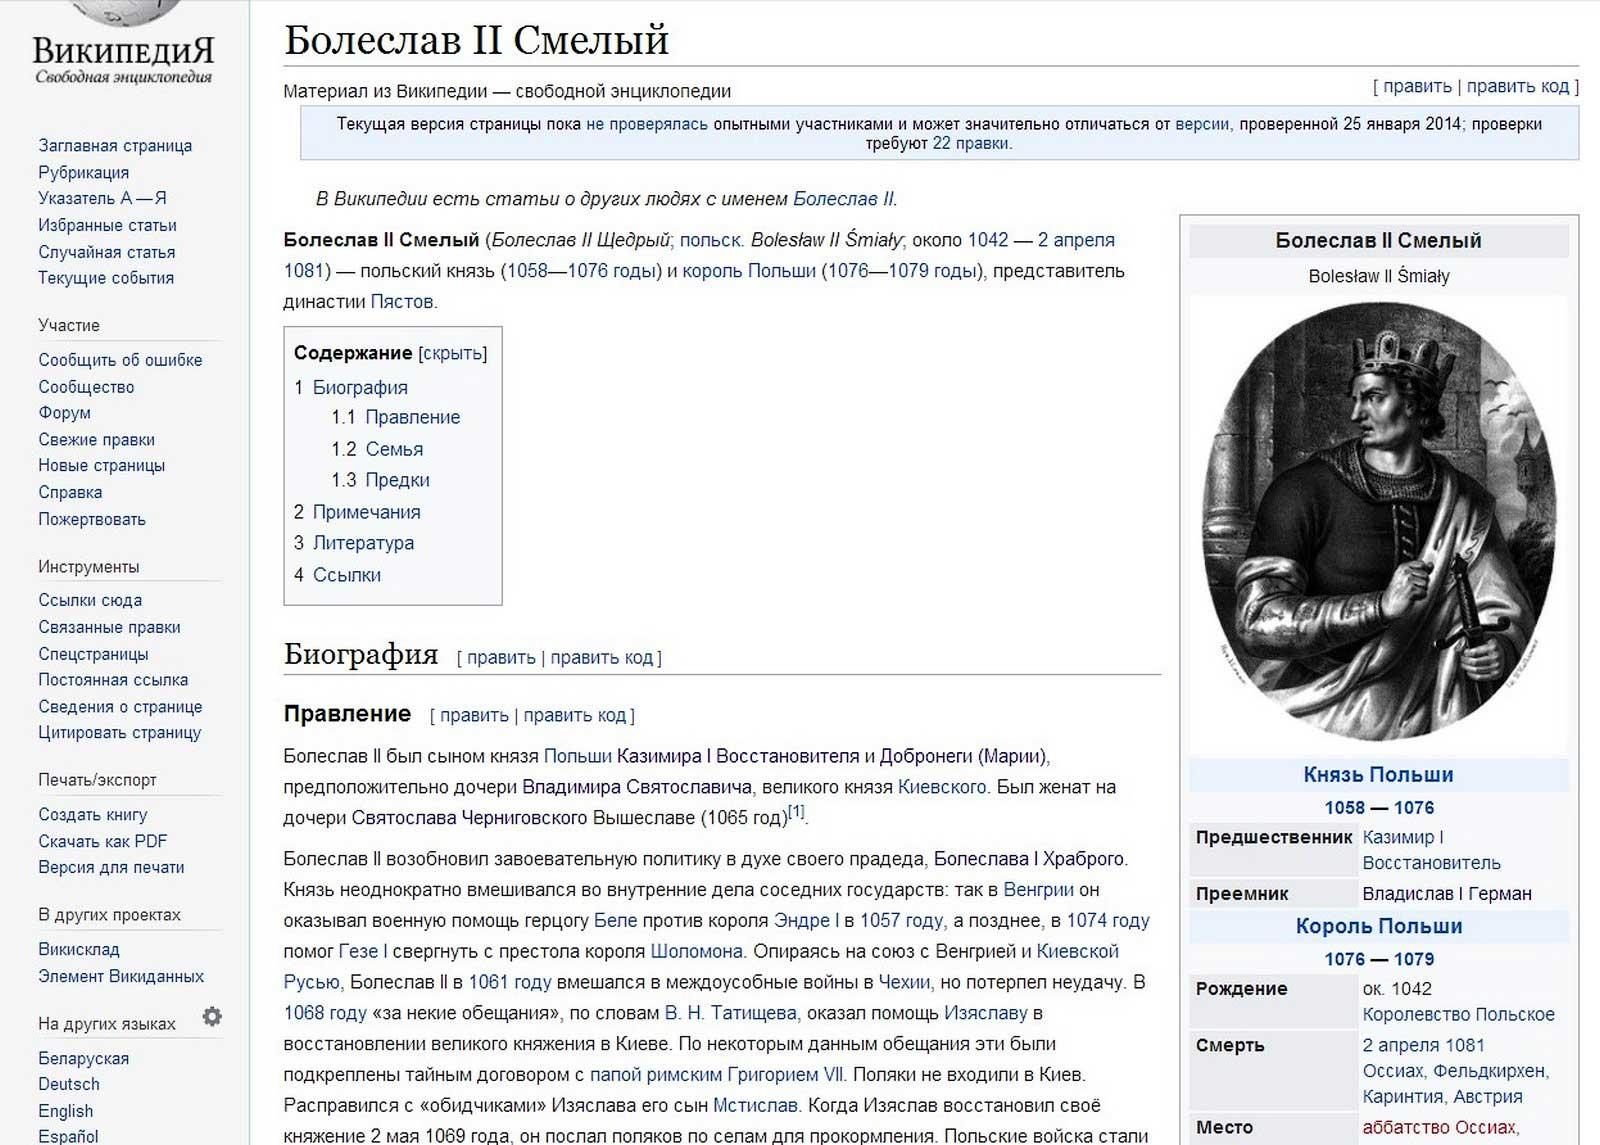 Страница Болеслава II Казимировича (польского внука Владимира I Святославича)